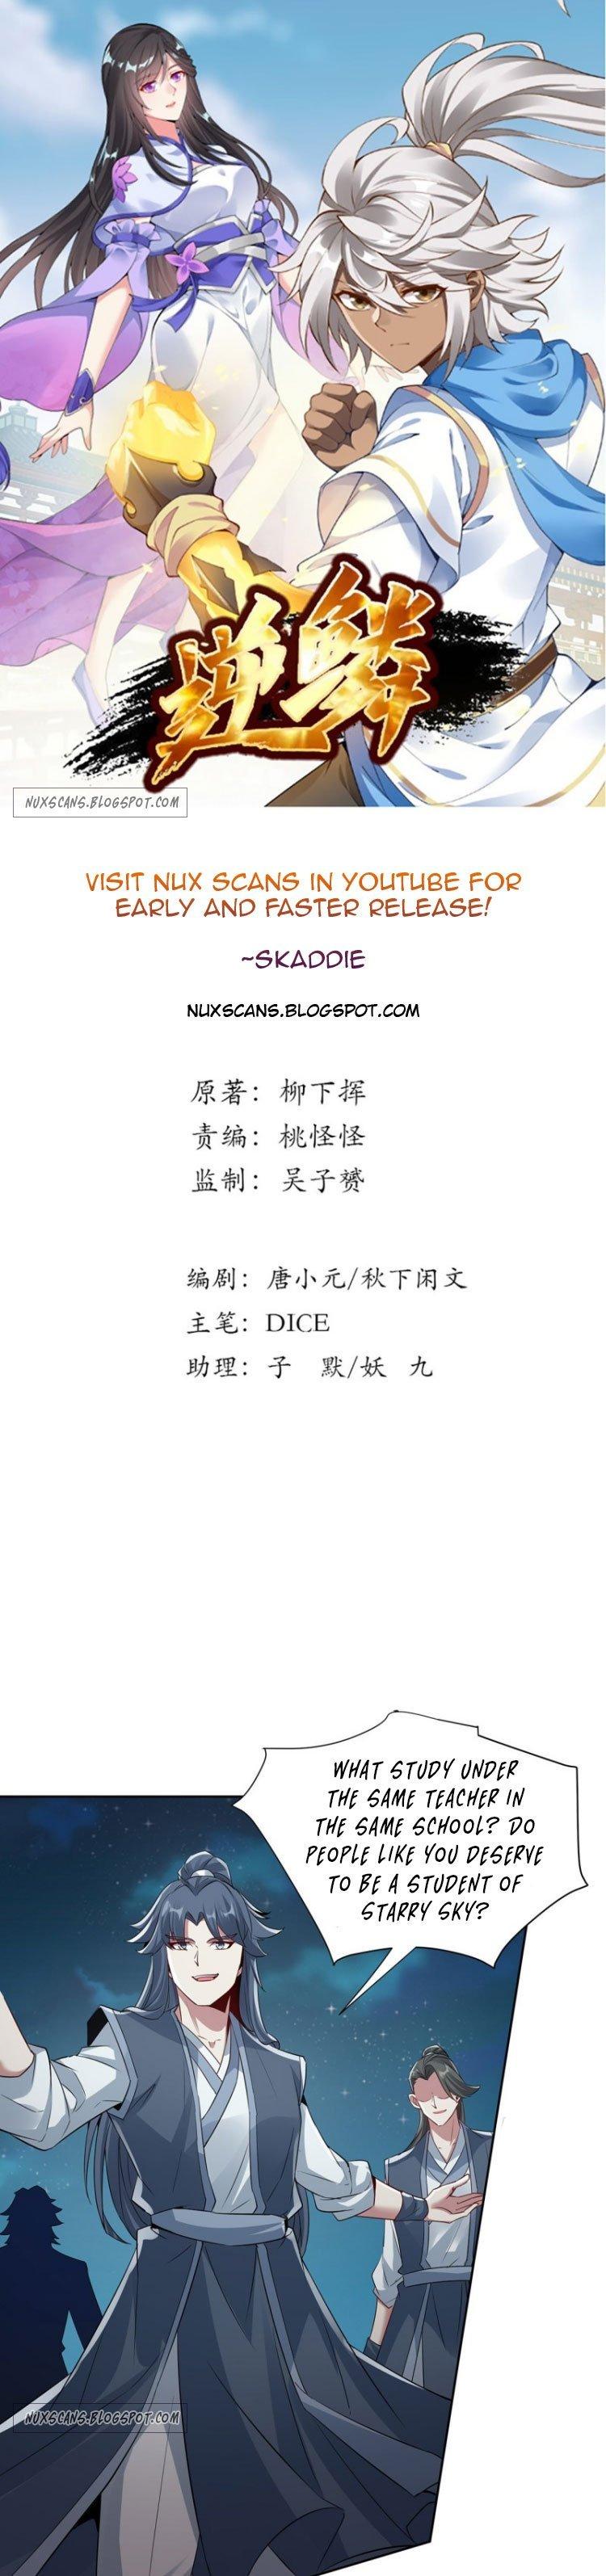 Manga Inverse Scale - Chapter 116 Page 1